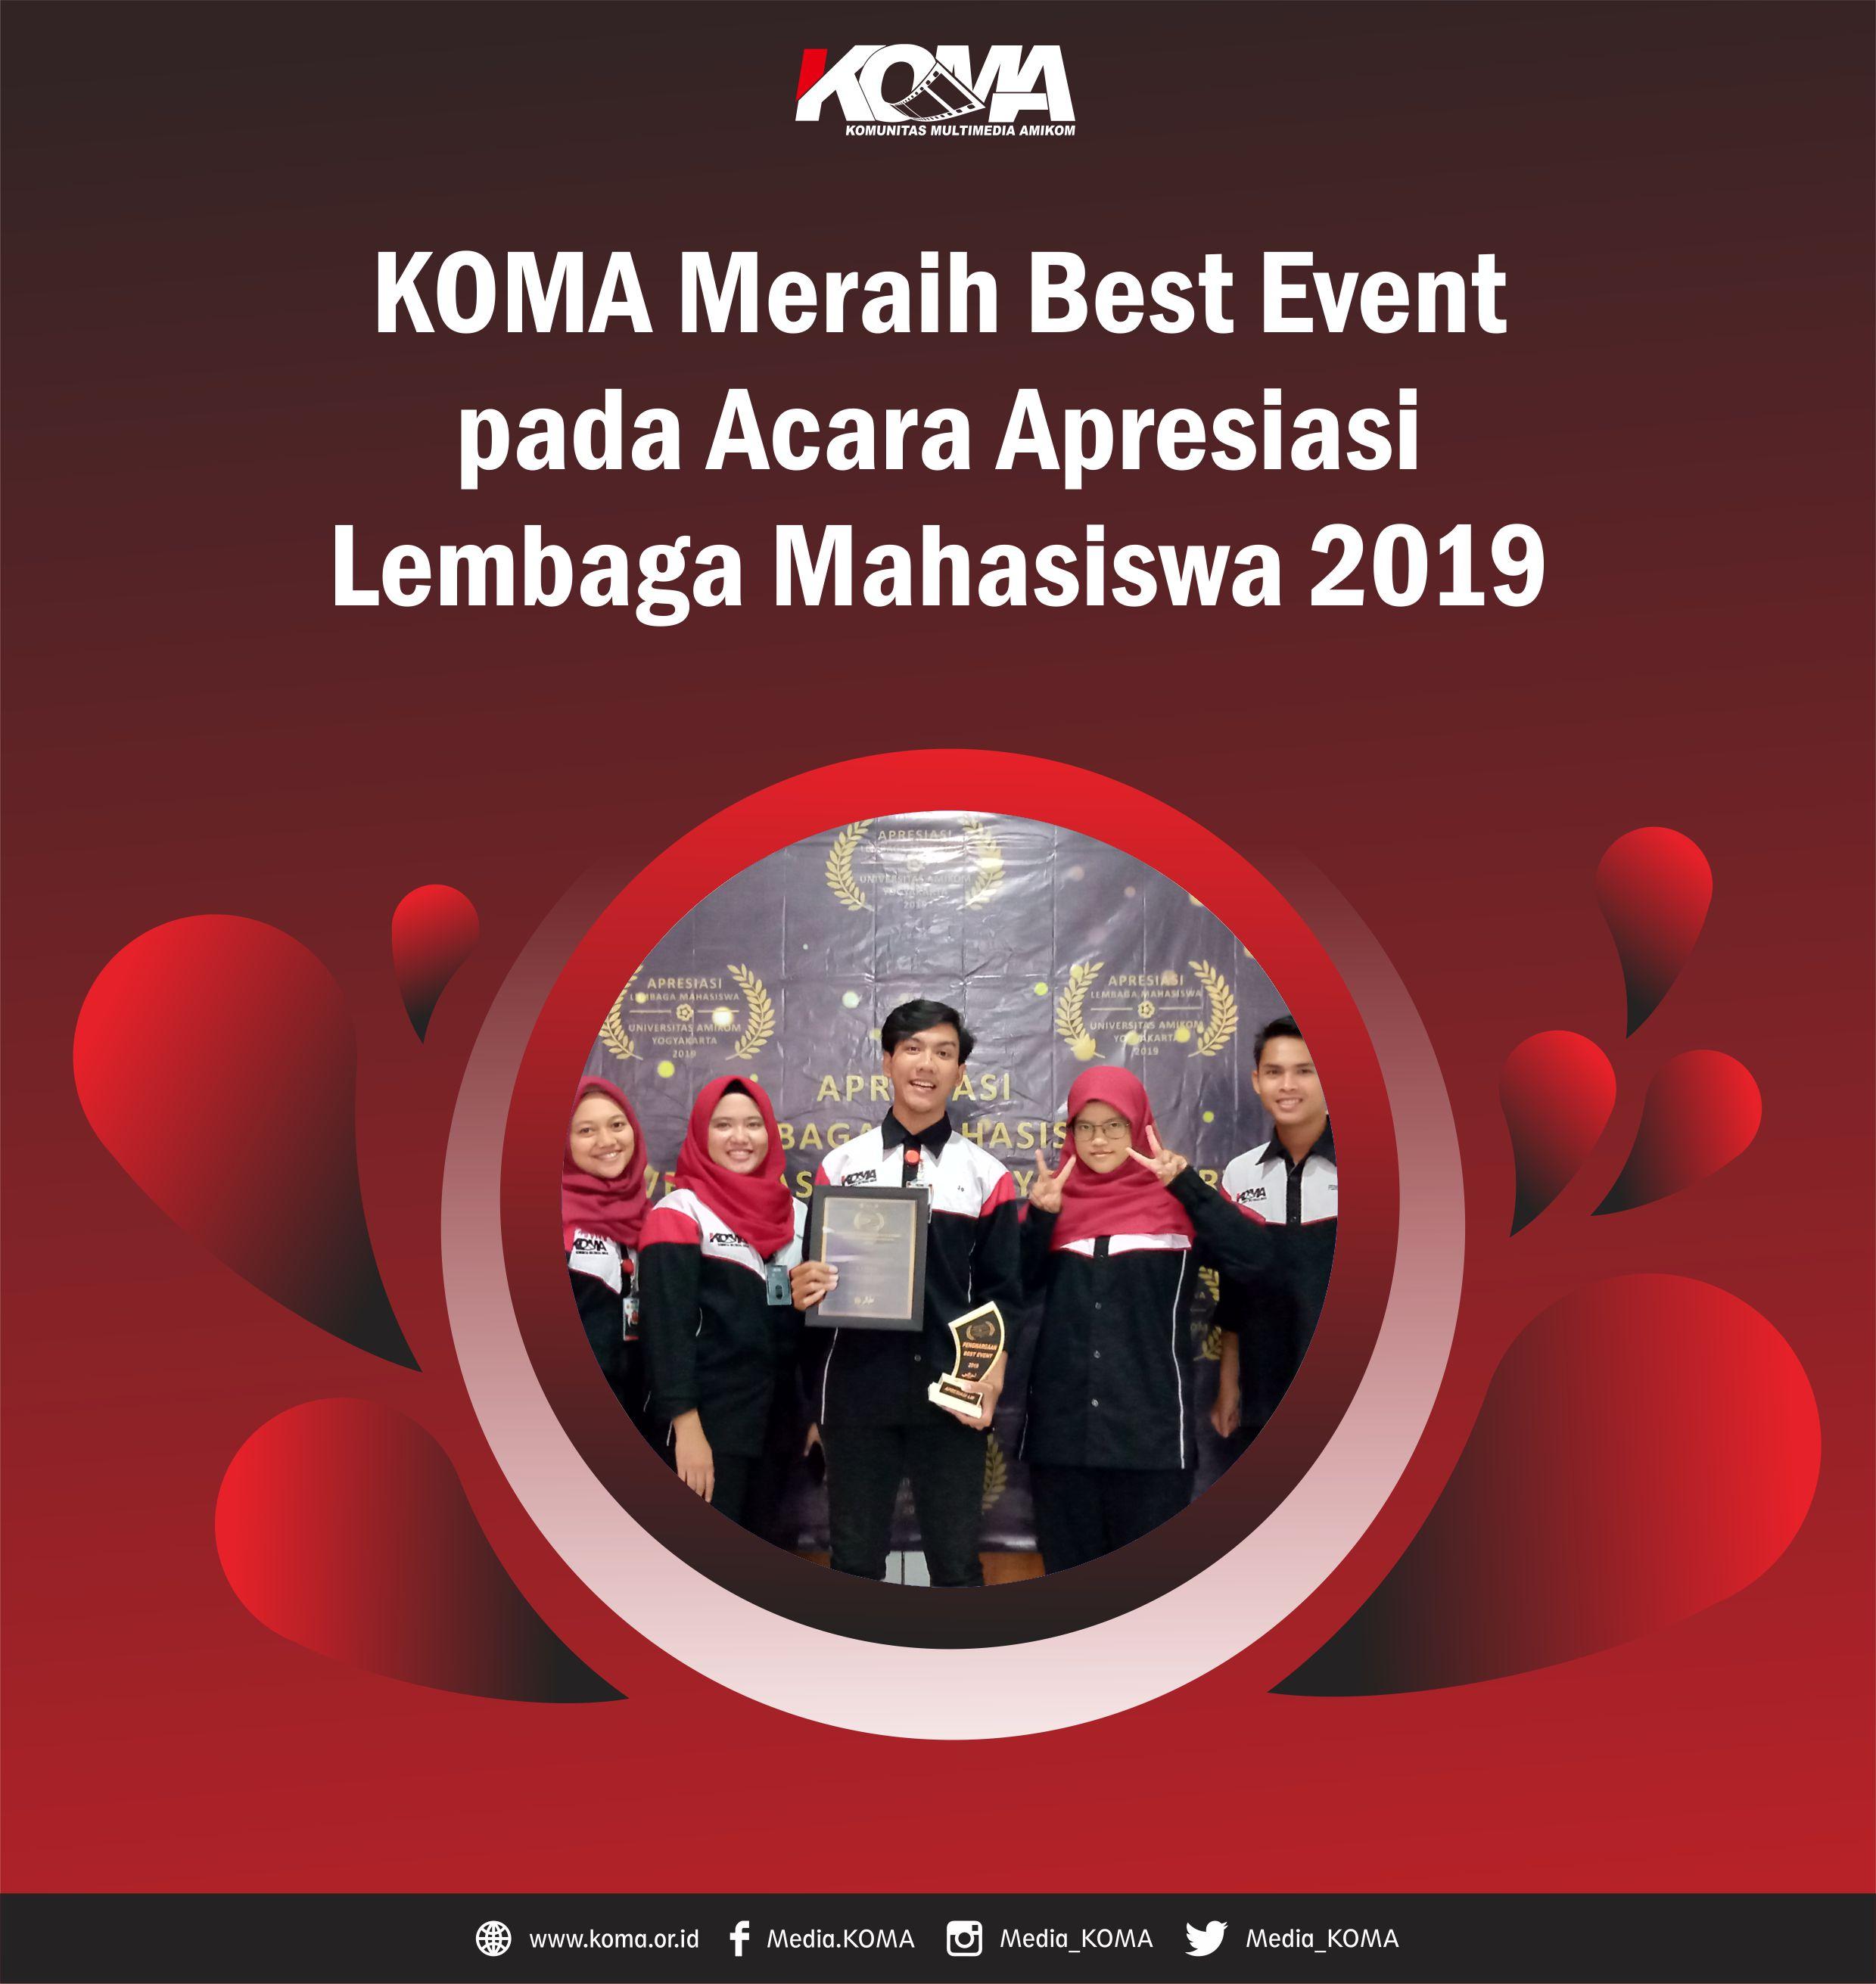 KOMA-Meraih-Best-Event-pada-Acara-Apresiasi-Lembaga-Mahasiswa-2019